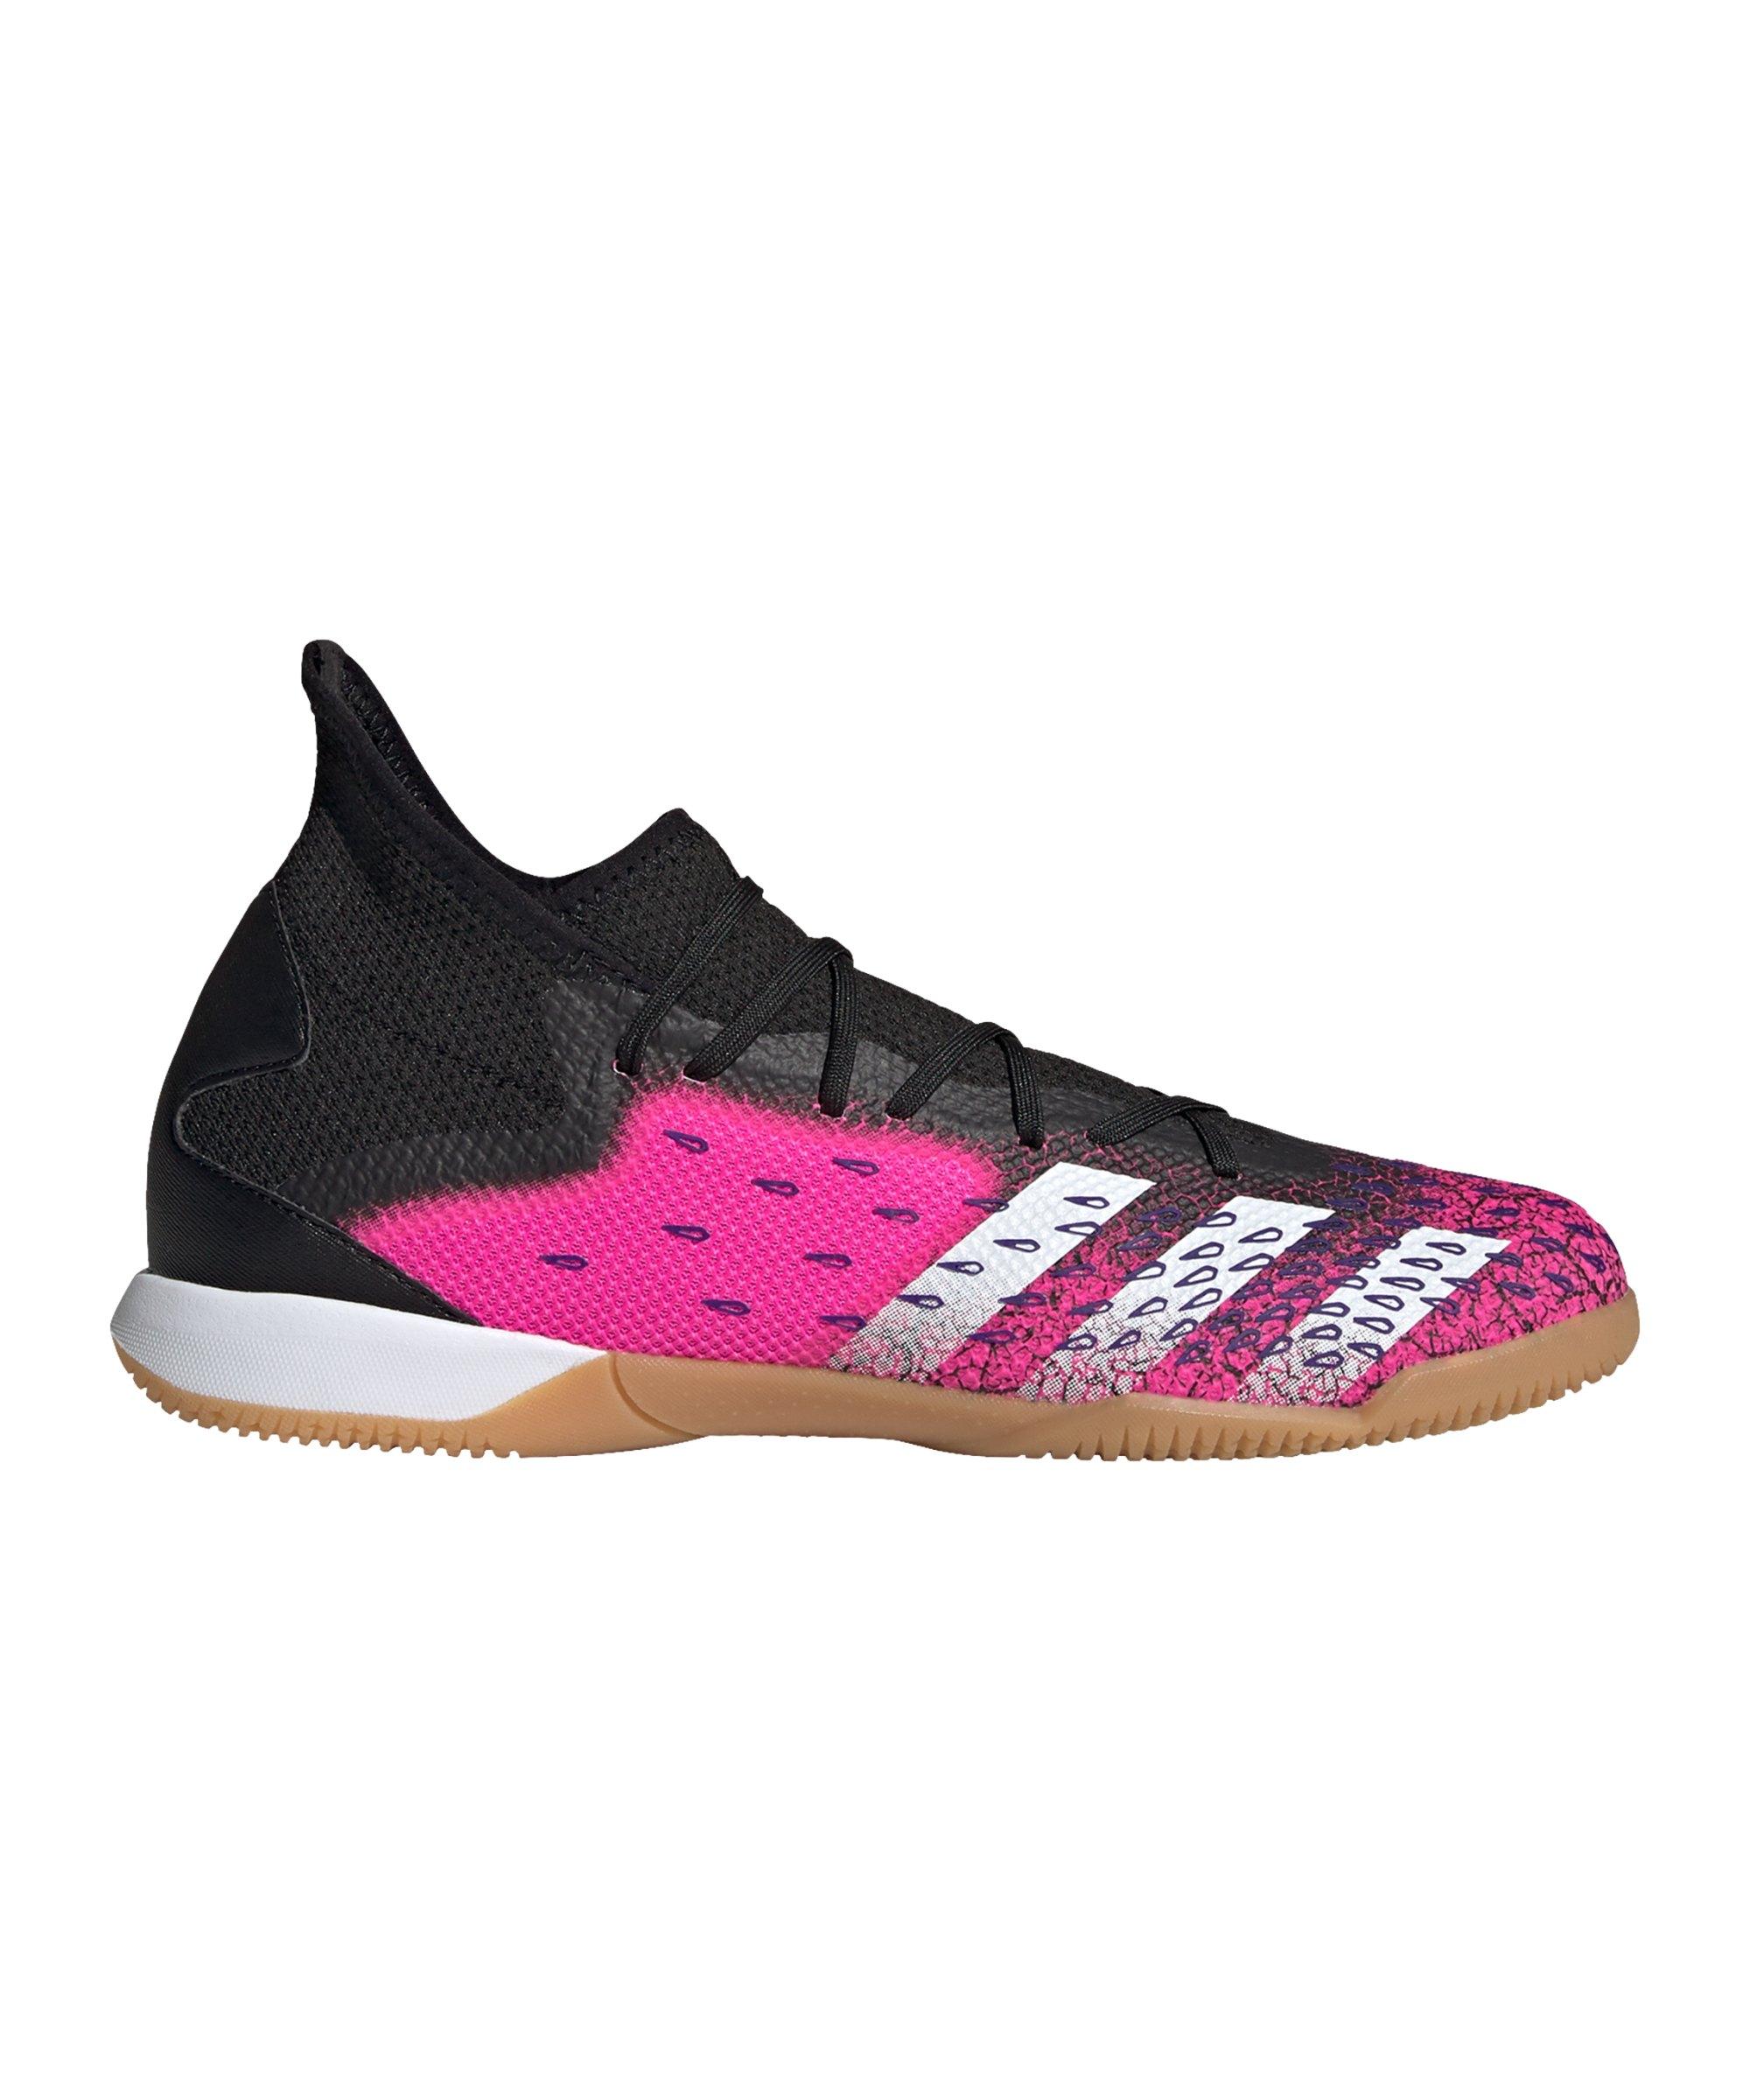 adidas Predator FREAK.3 IN Halle Superspectral Schwarz Pink - schwarz